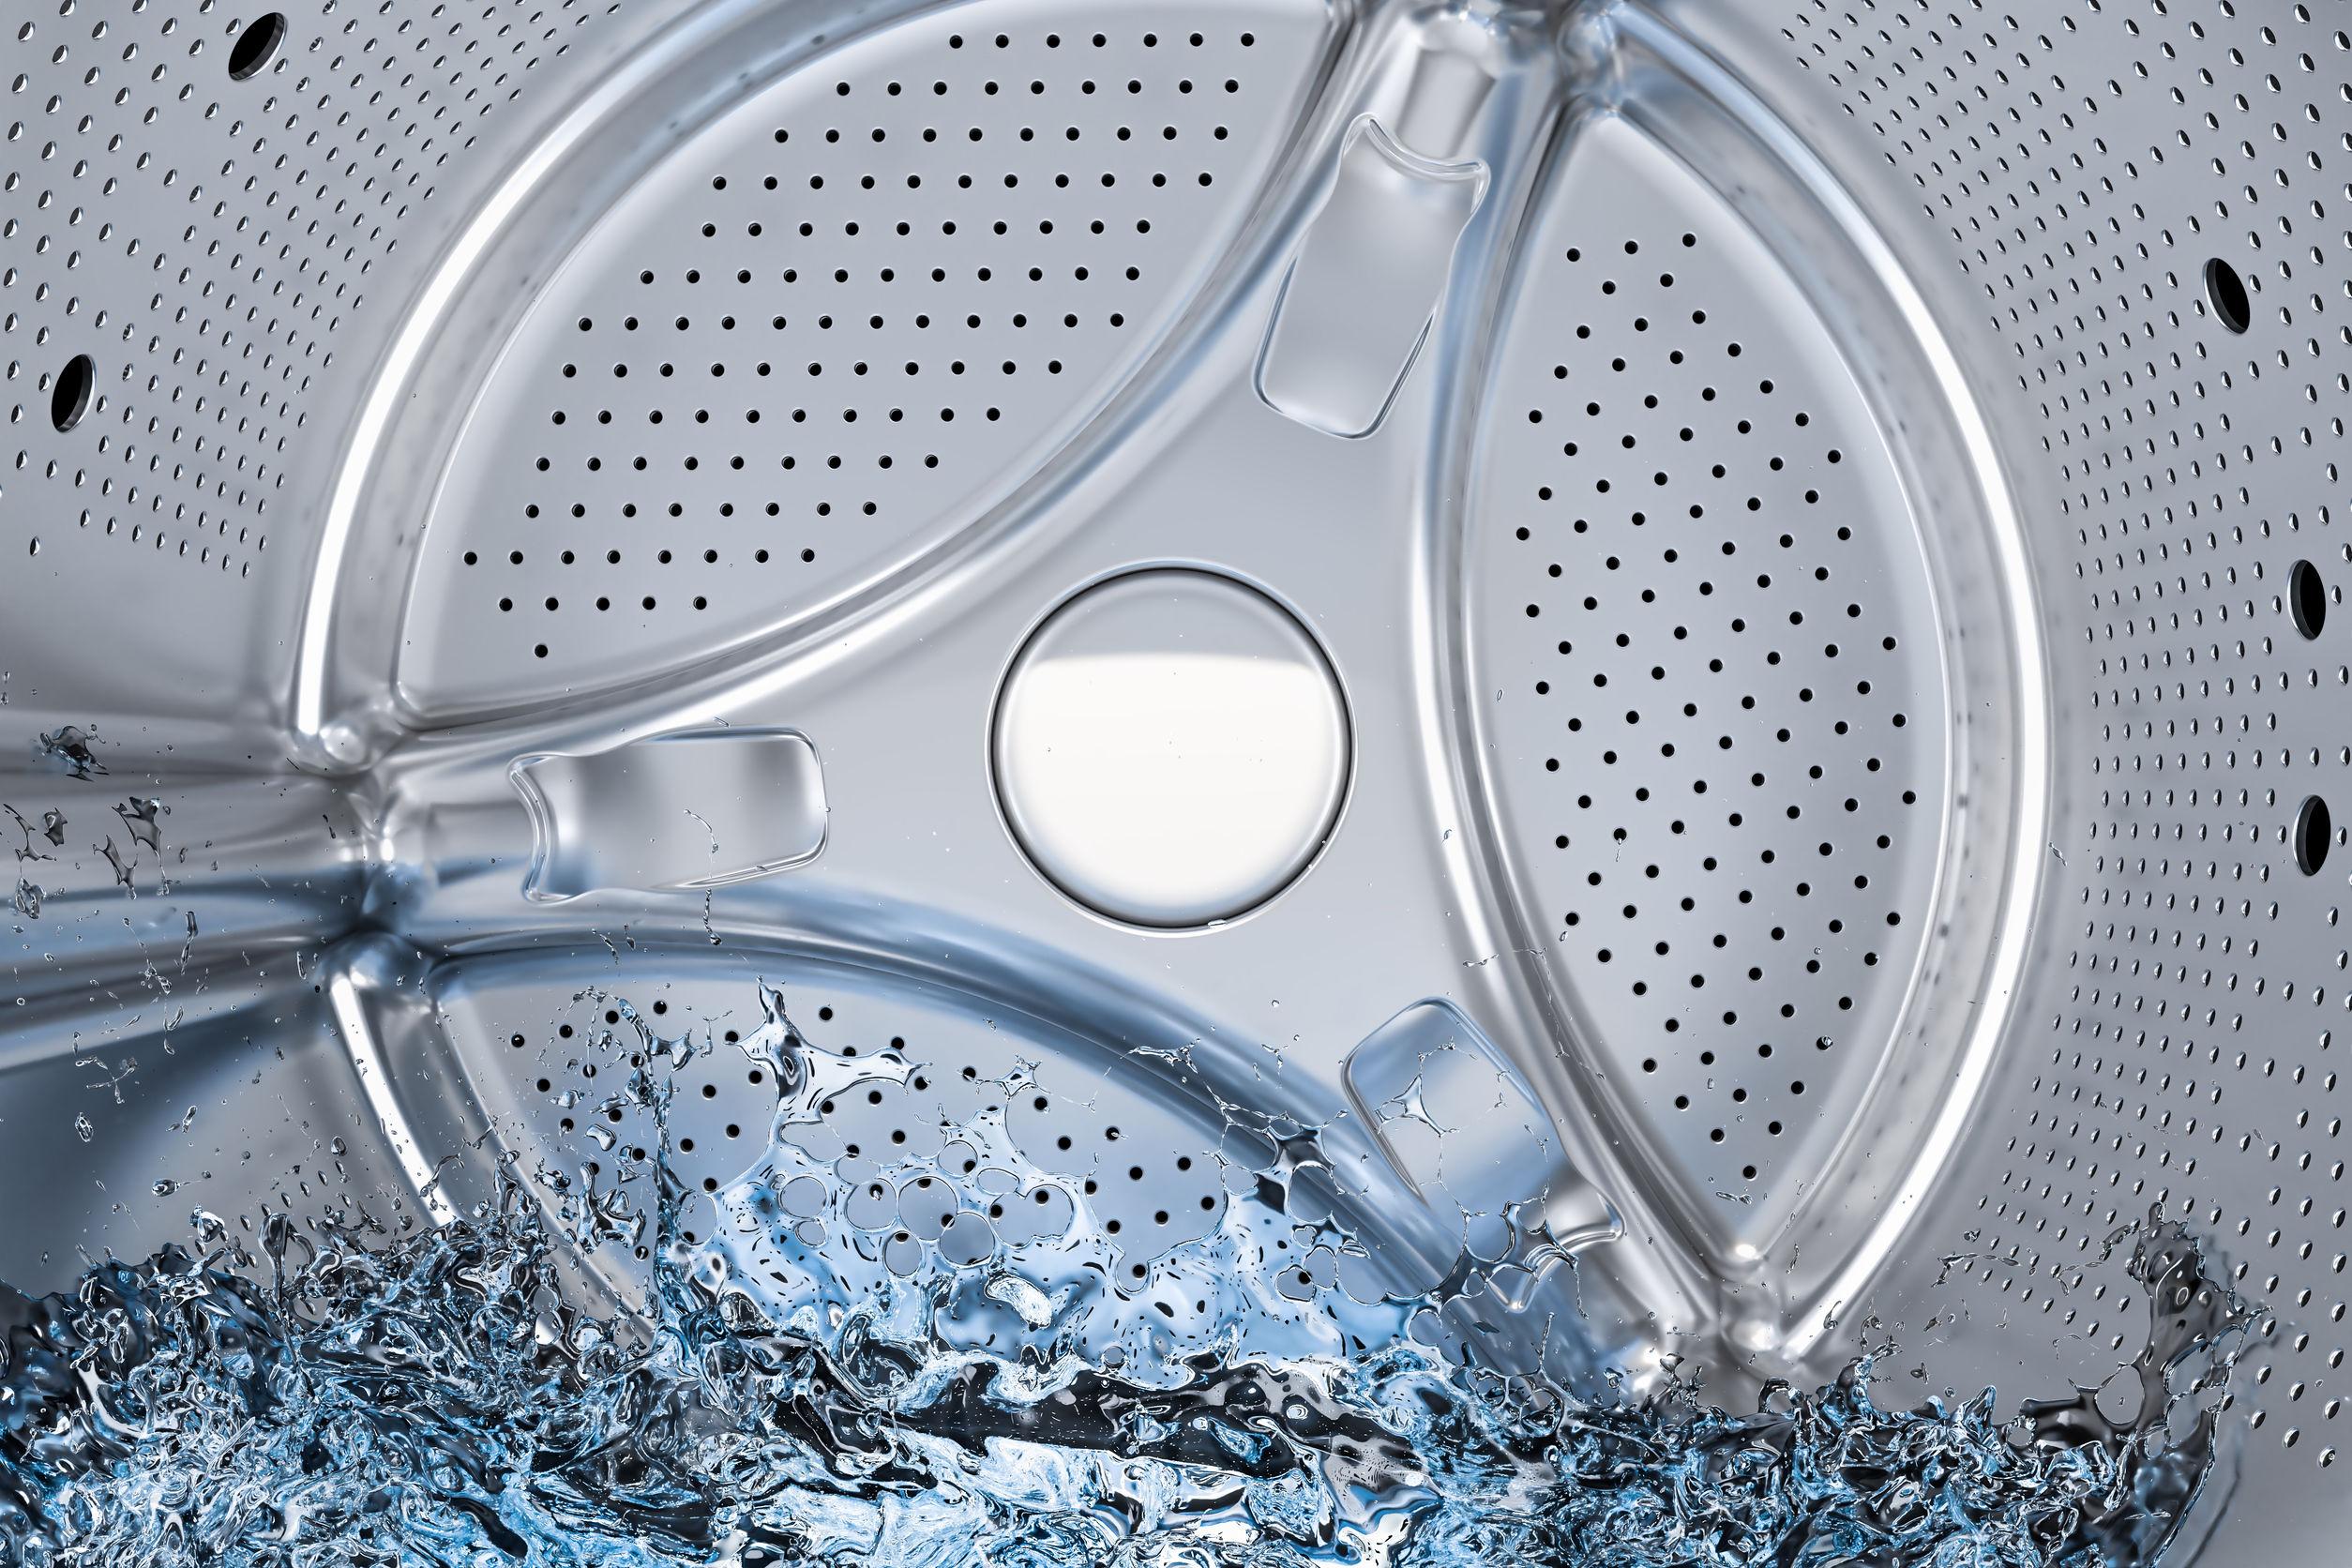 AEG Wärmepumpentrockner: Test & Empfehlungen (09/21)